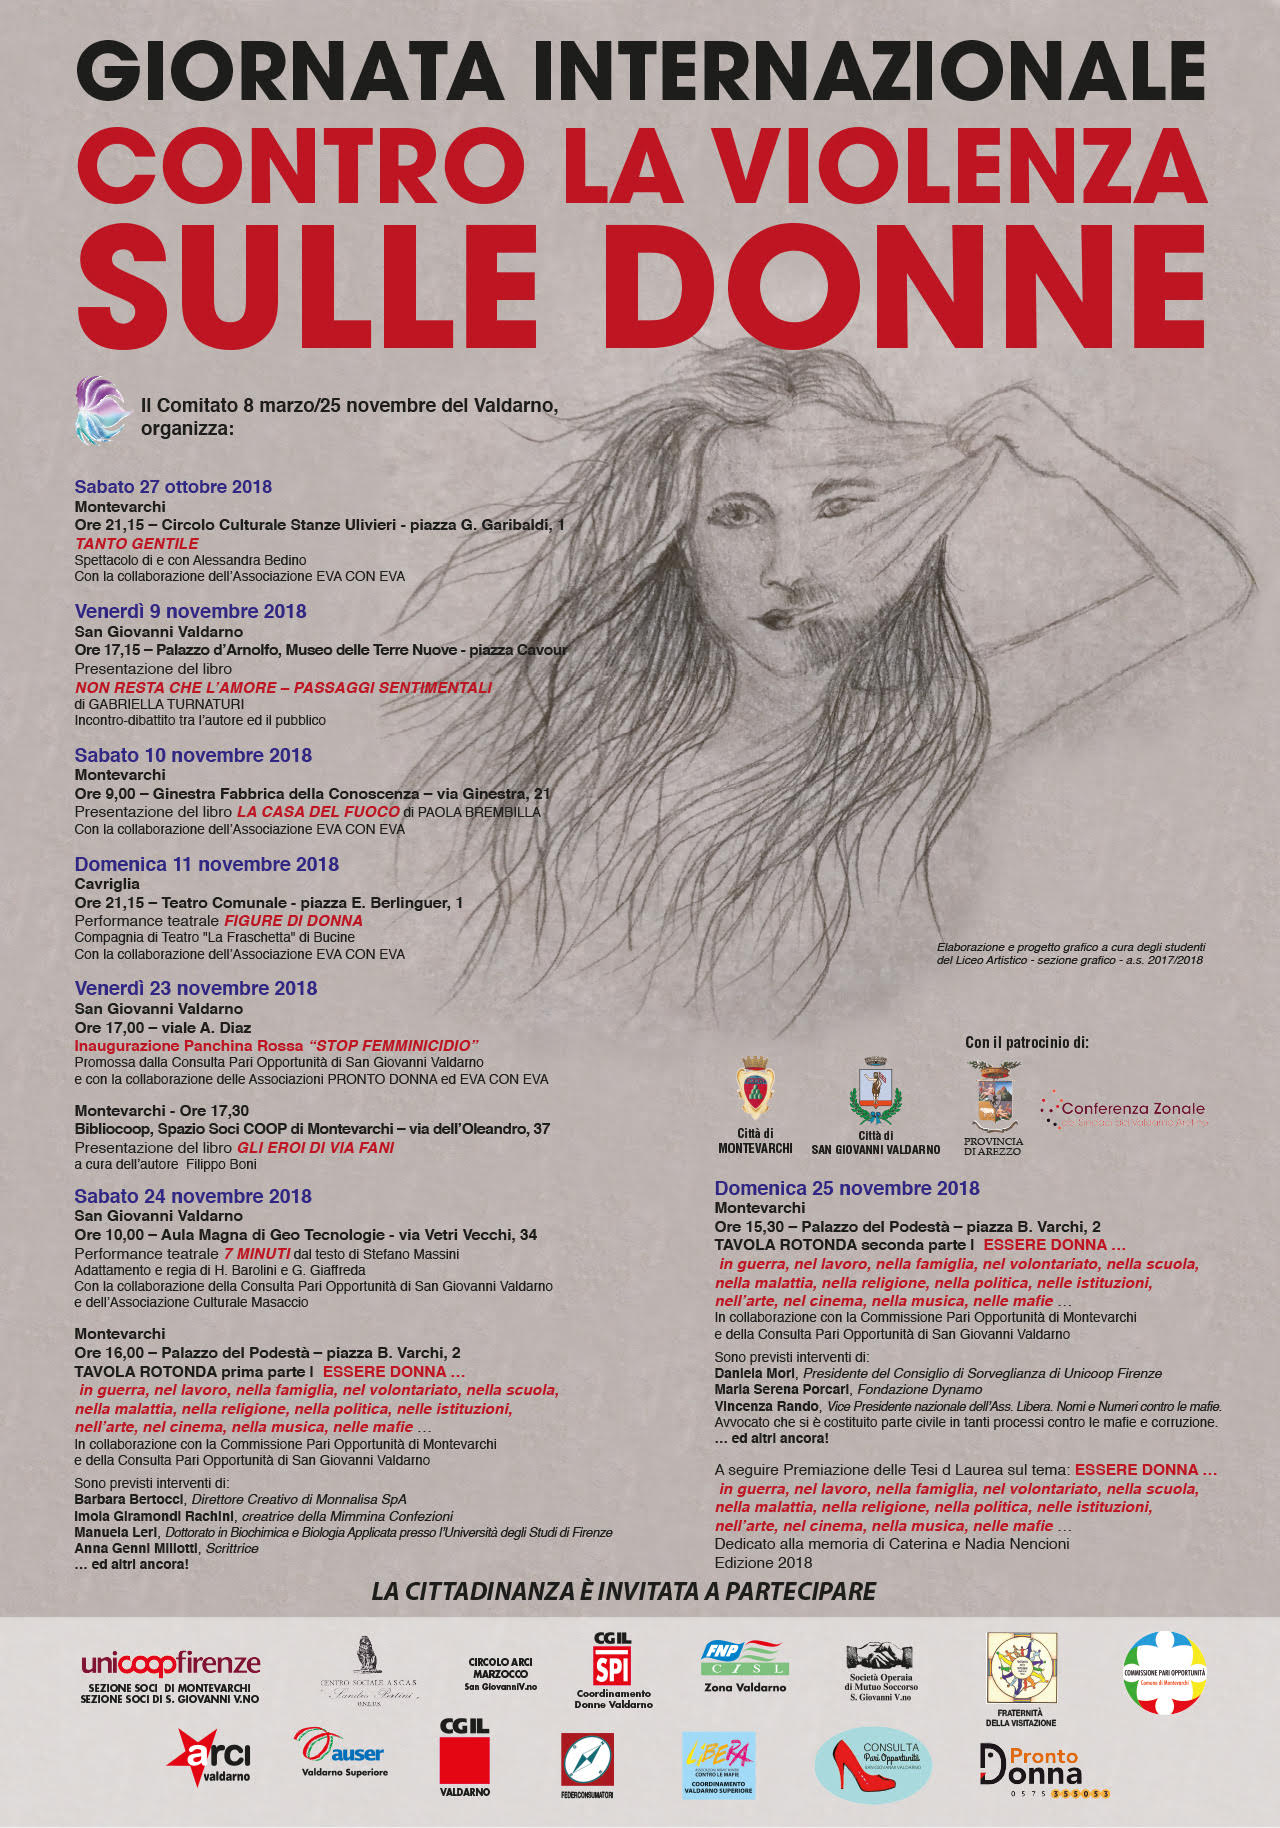 La Giornata Internazionale Donne Sulle Violenza Contro SEHEqw6